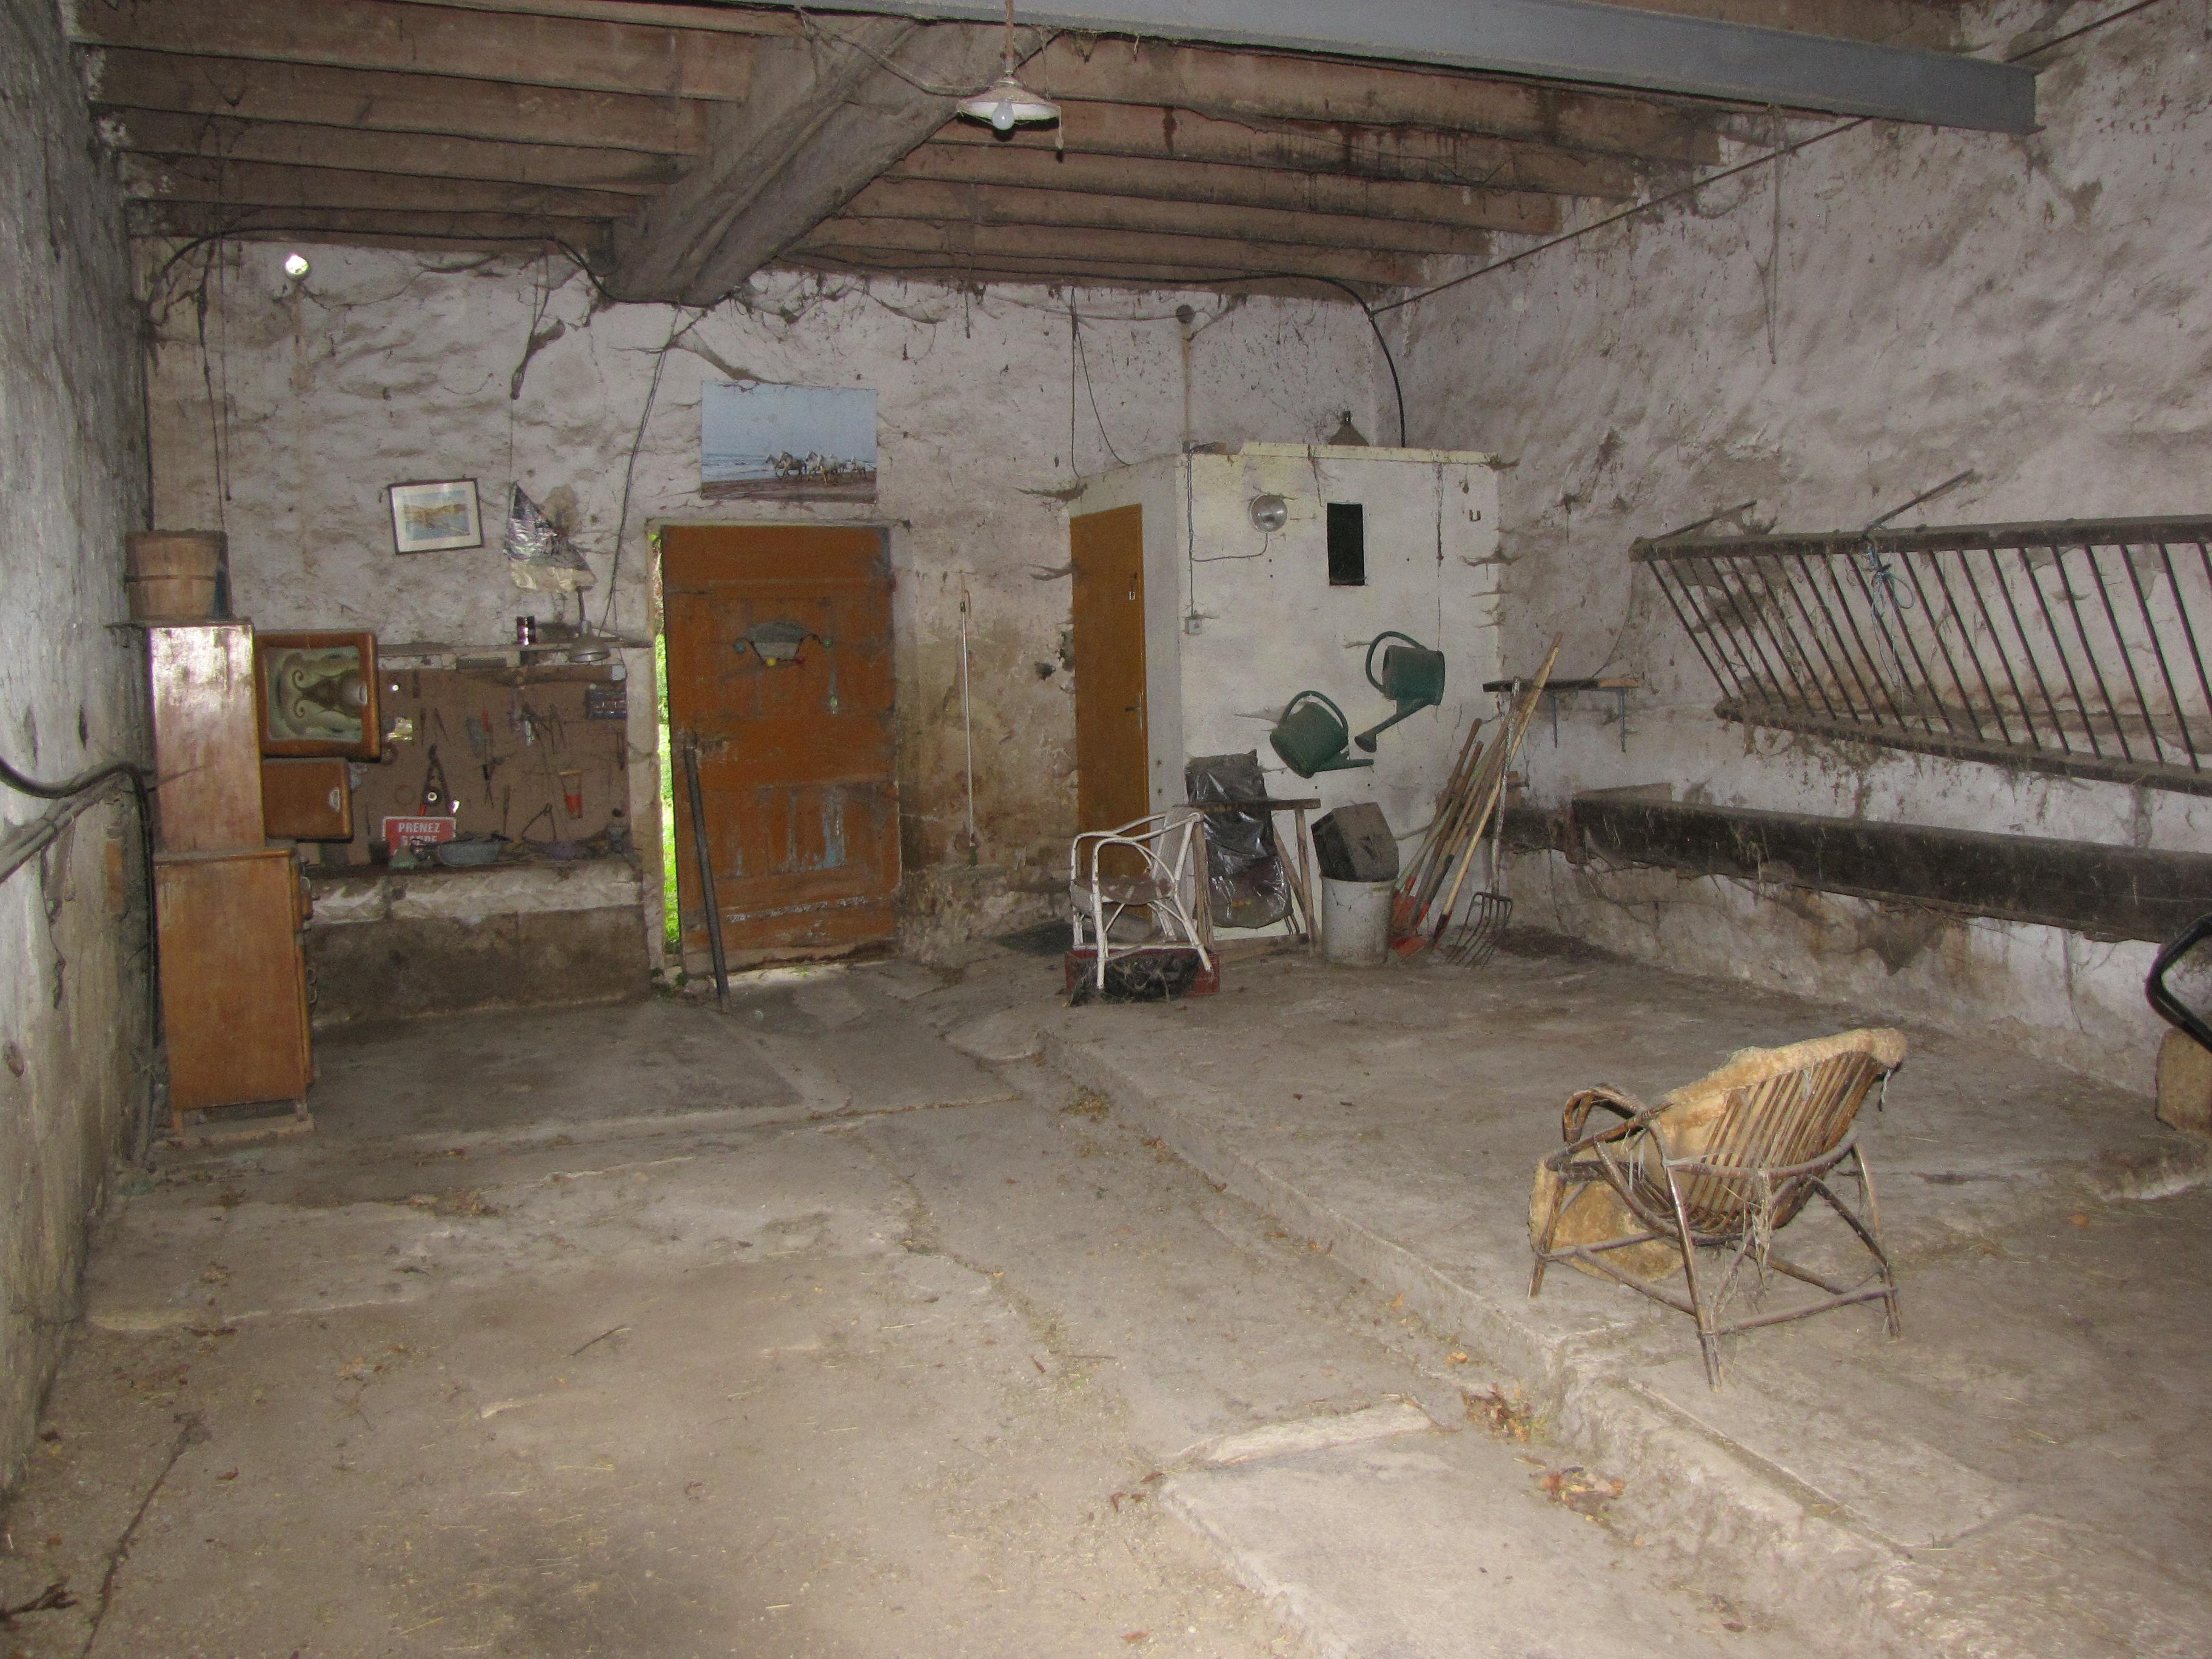 Desportes Rénovation Gard : Projet d'aménagement d'une cave dans une grange à rénover